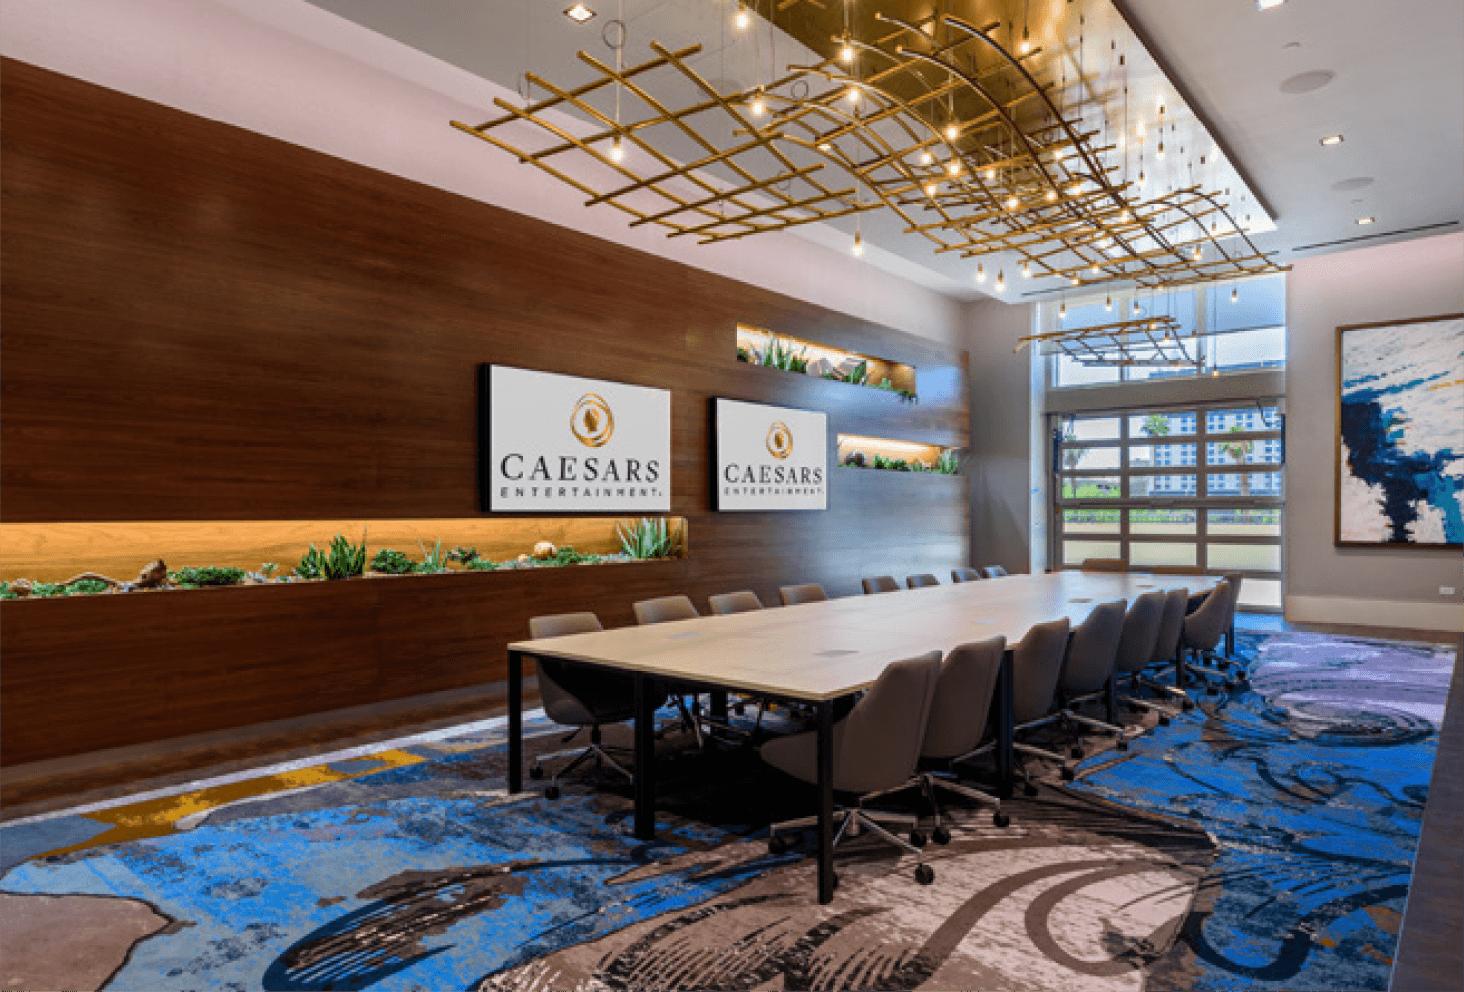 Caesars Forum case study image